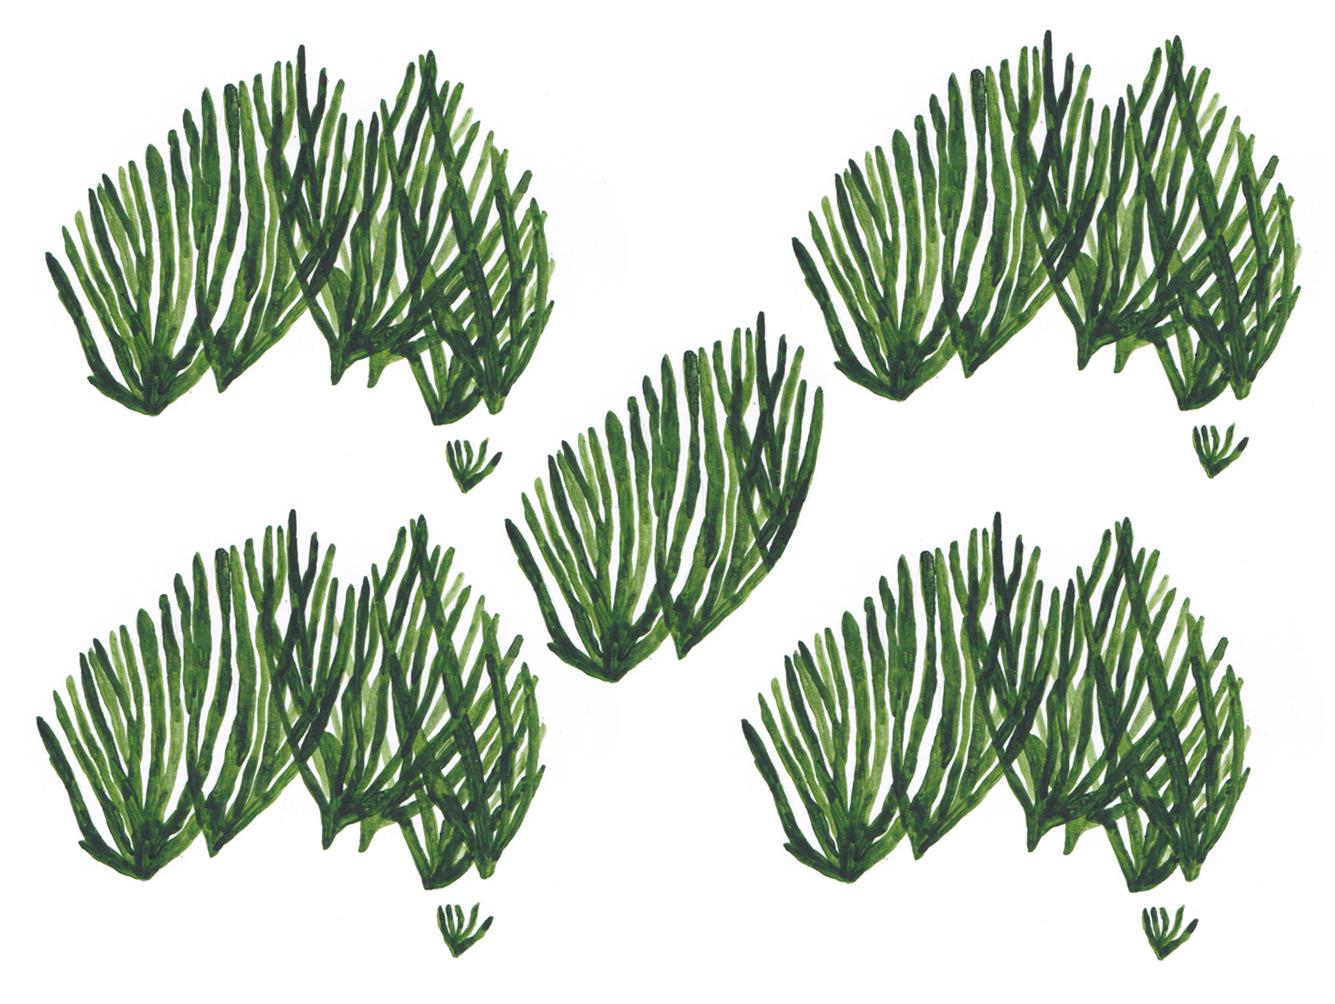 Seaweed image 6 - Australia.jpg